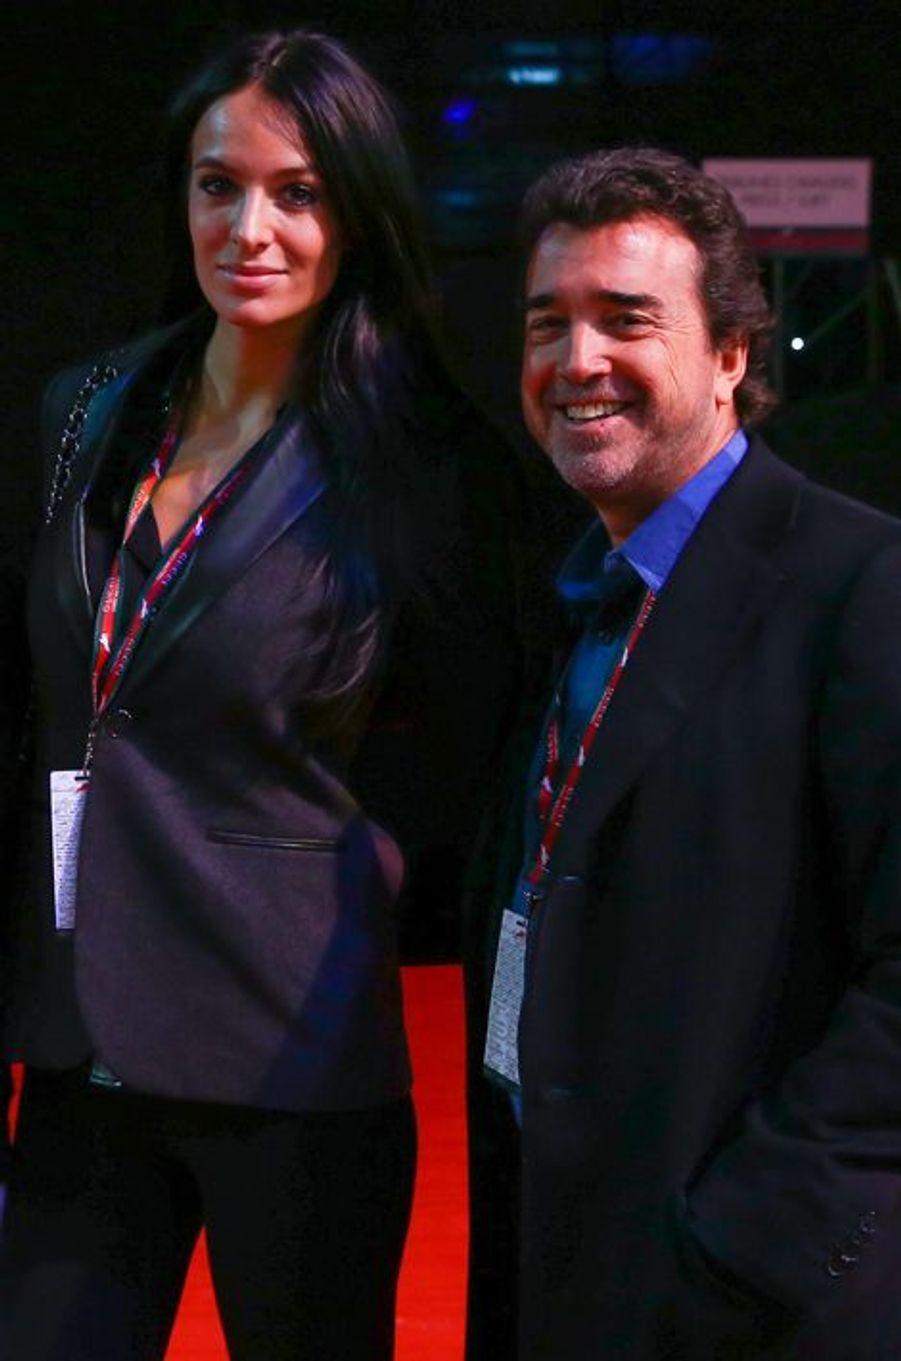 Arnaud Lagardère et son épouse Jade Foret au Gucci Paris Masters 2014 qui se tient à Paris du 4 au 7 décembre